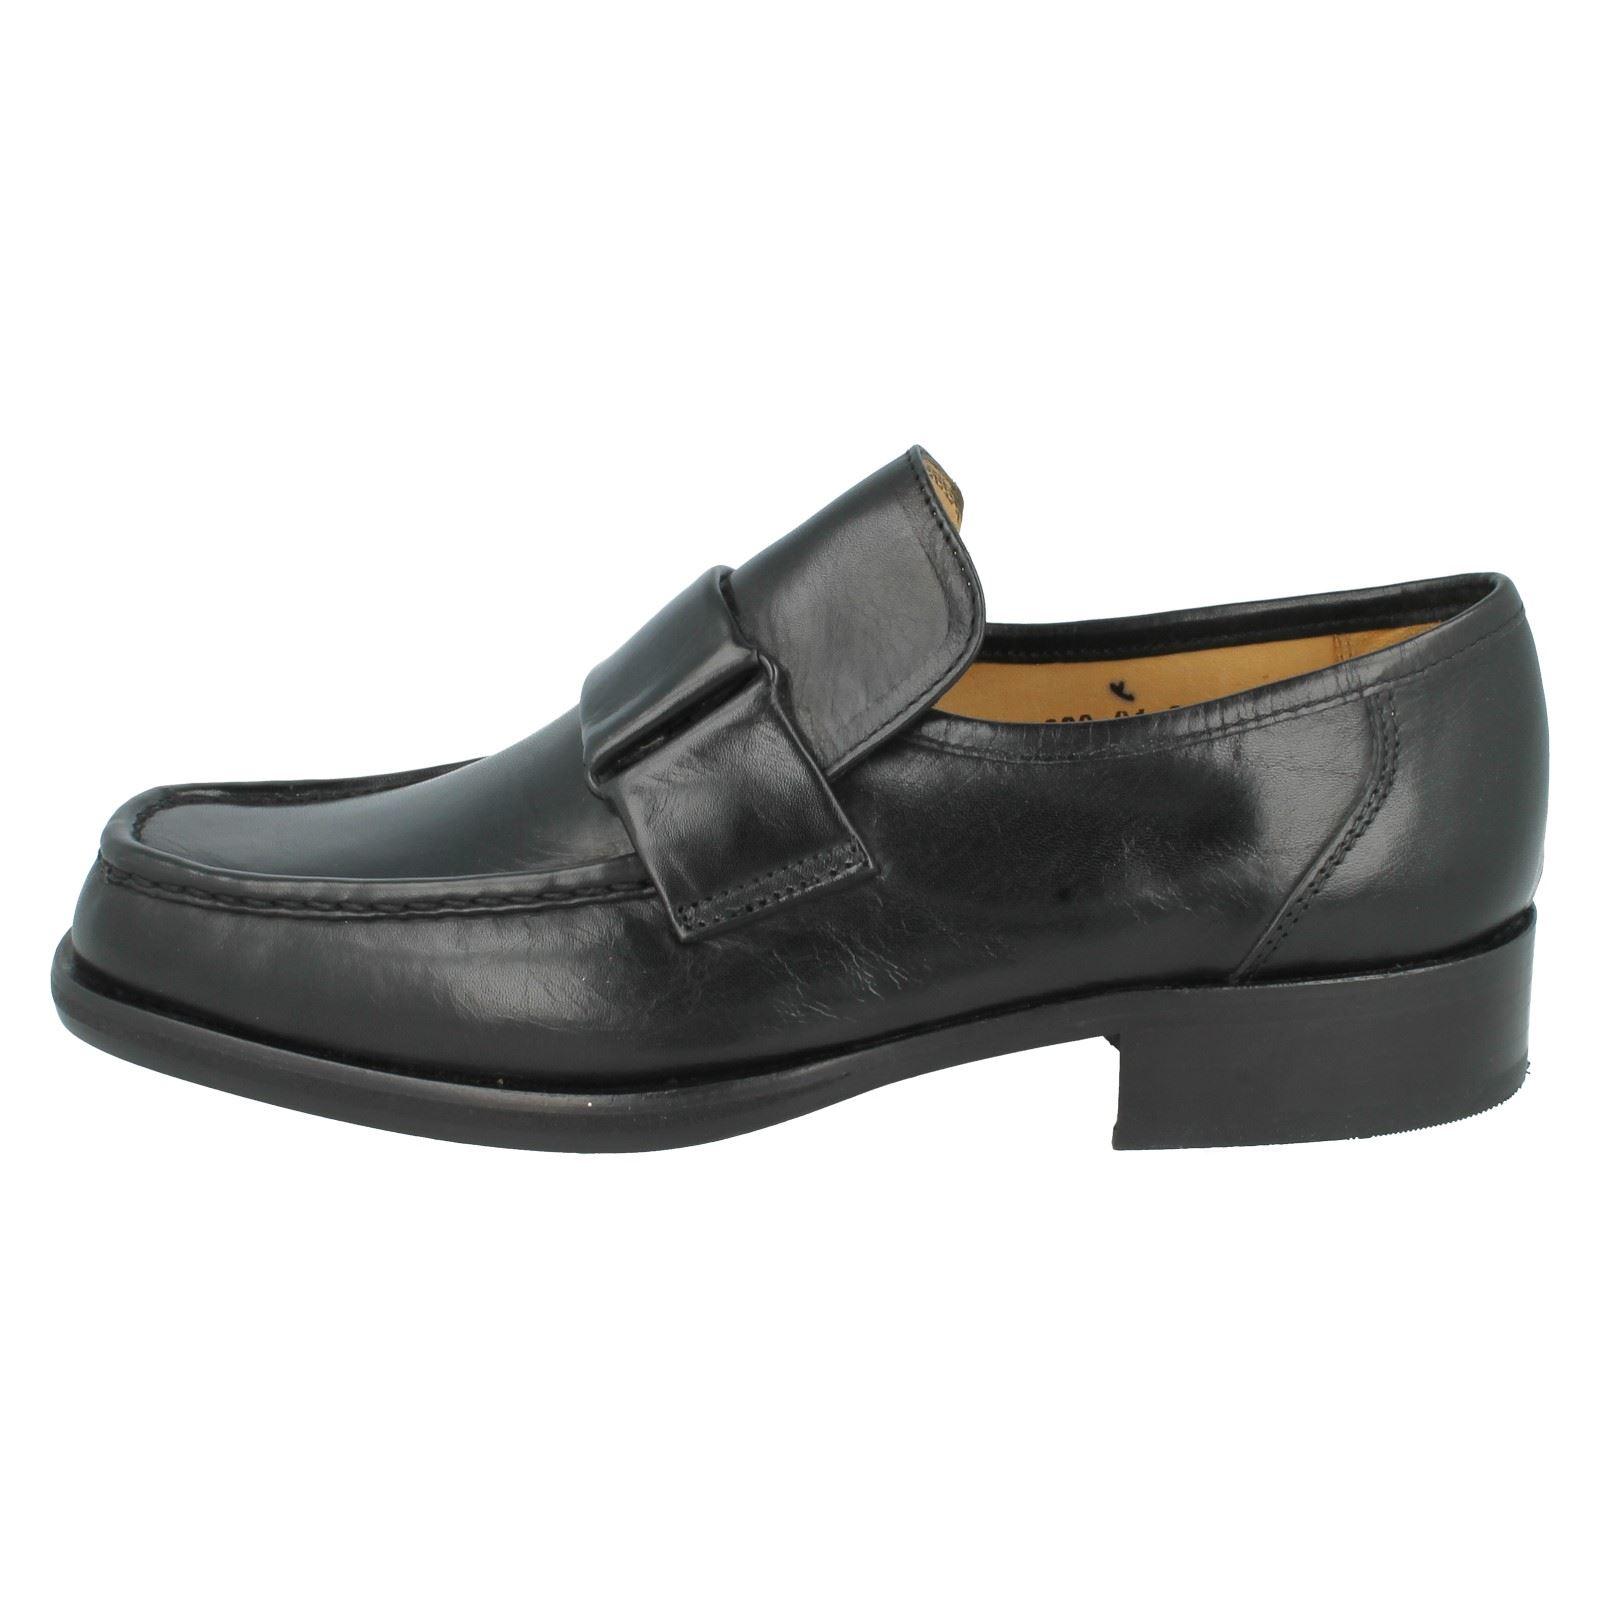 Mens Grenson Formal Slip Slip Slip On Shoes Fitting F Label - Dirk 9639 47c5b9